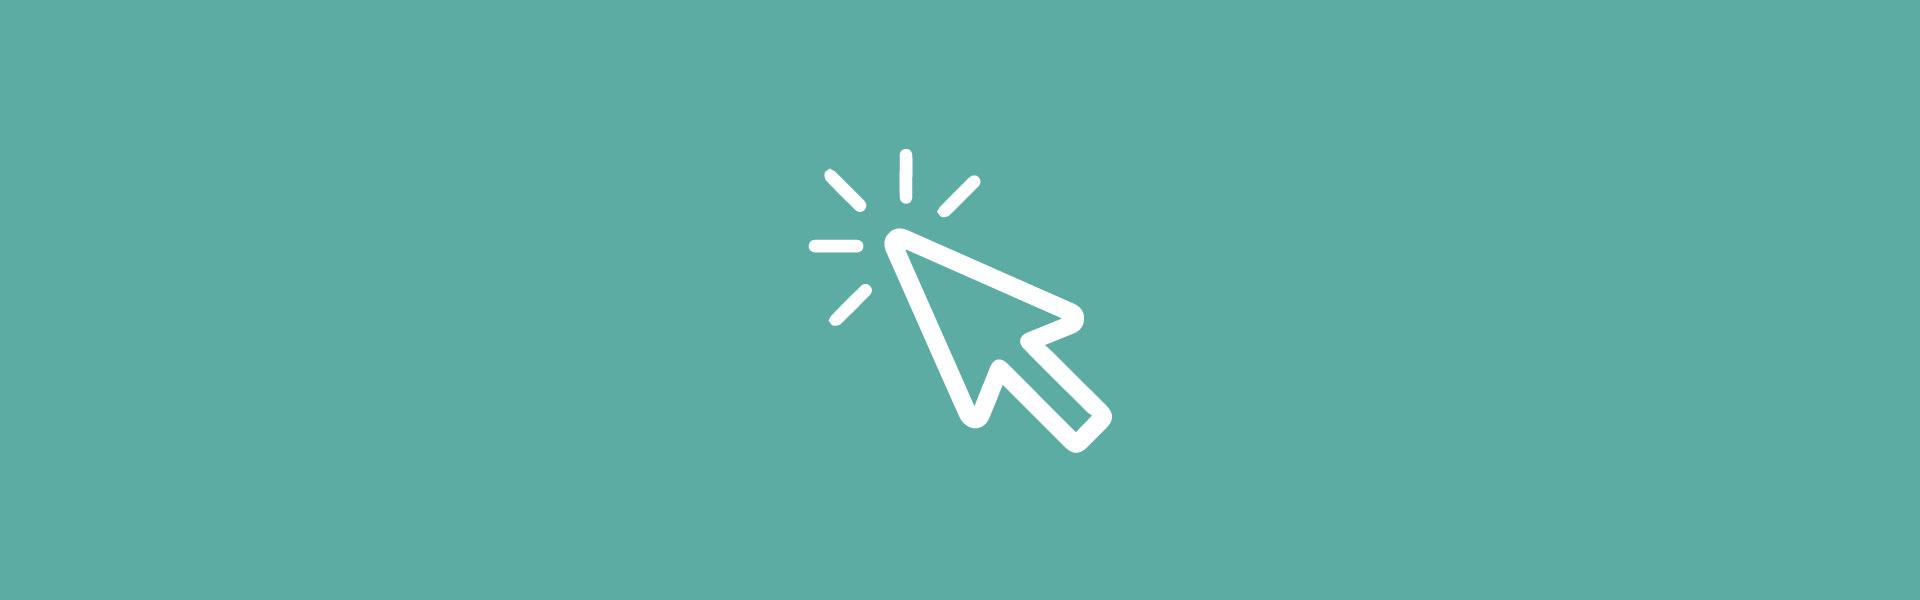 ottimizzazione-seo-on-page